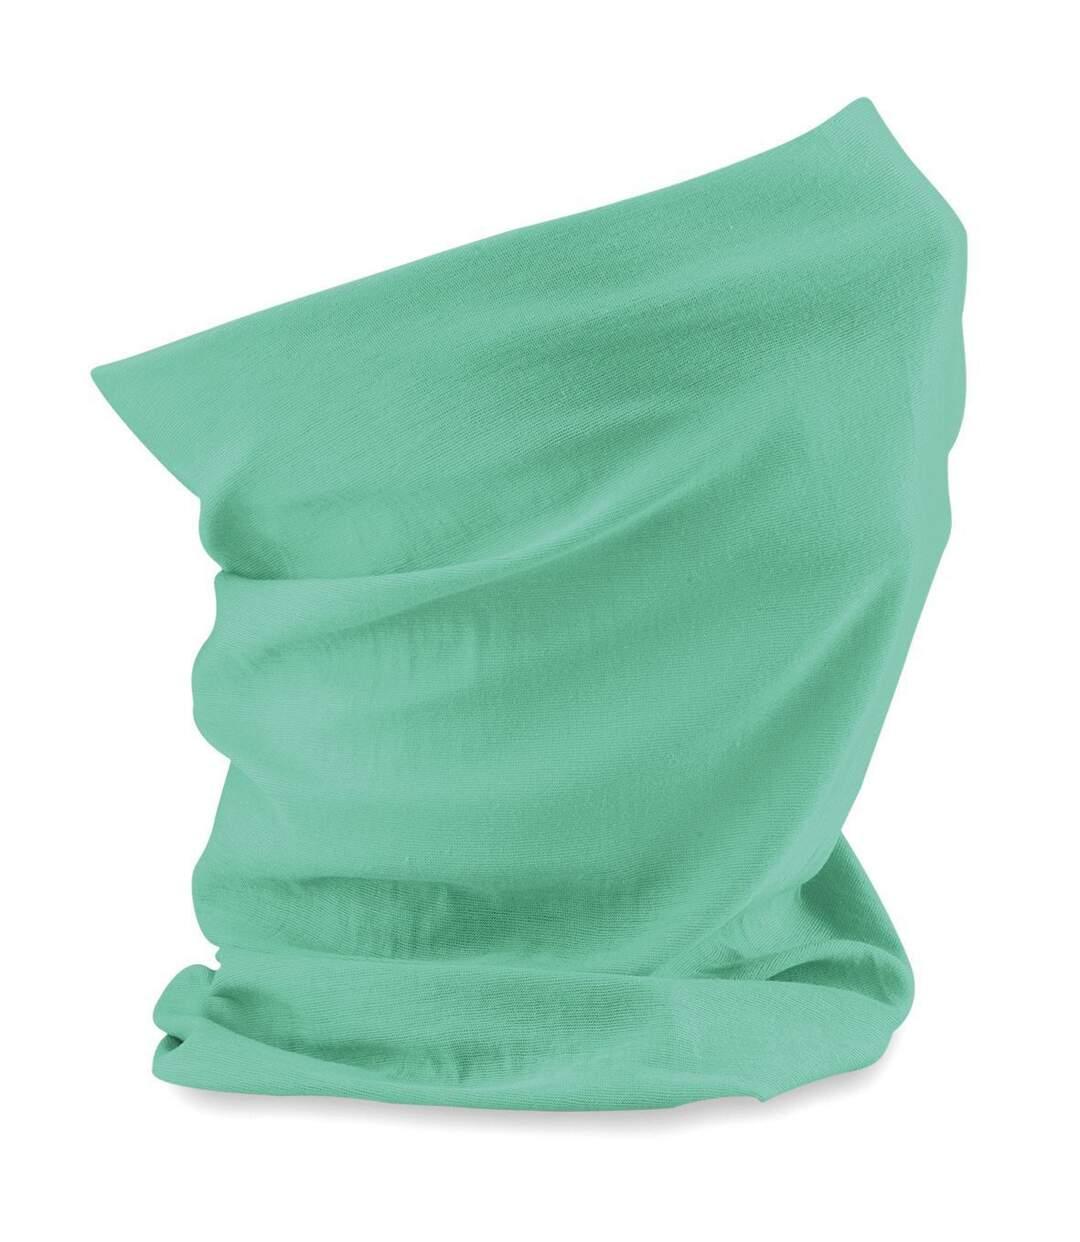 Echarpe tubulaire - tour de cou adulte - B900 - vert menthe